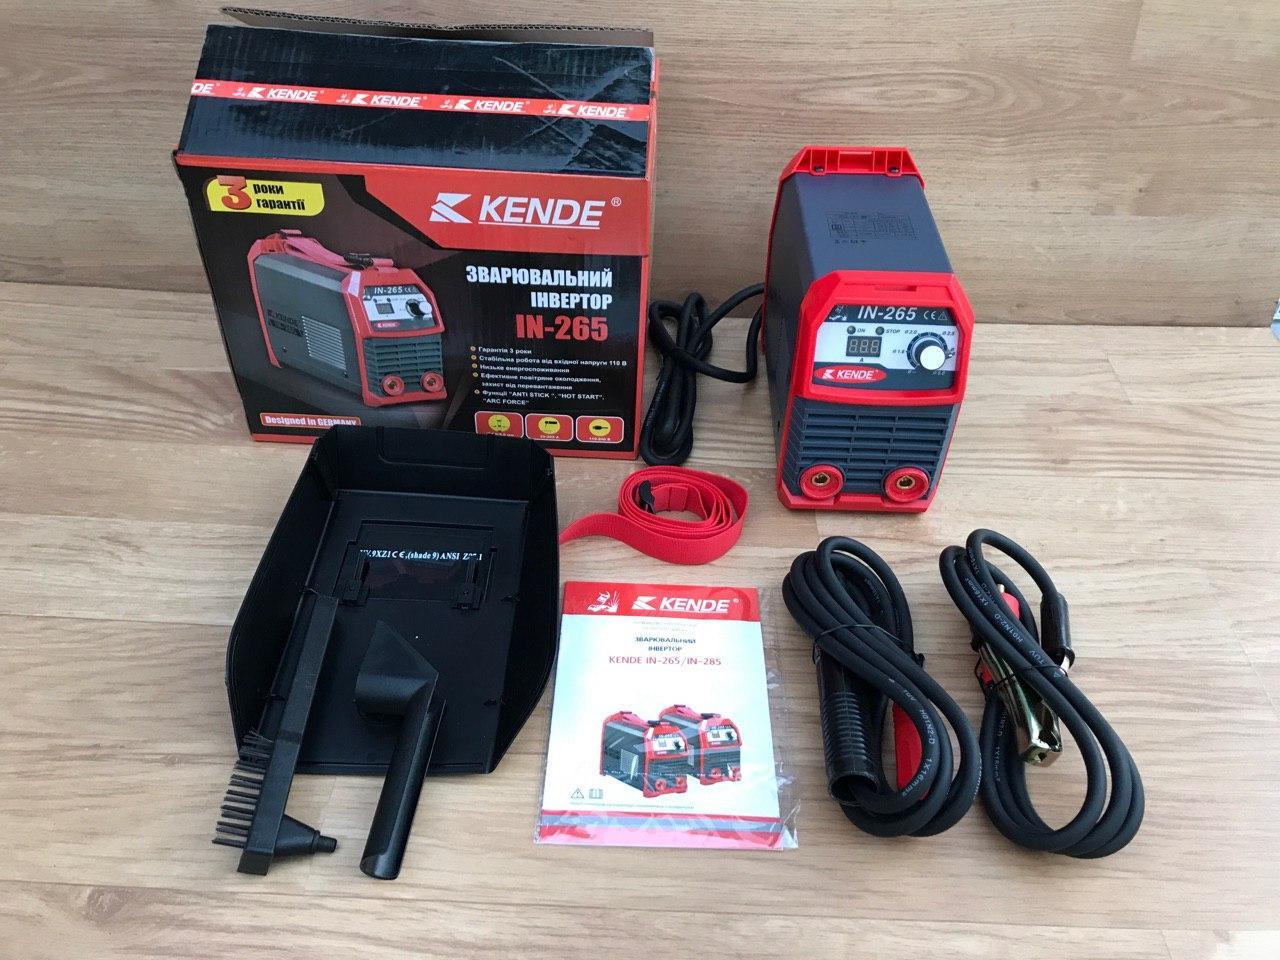 Сварочный инвертор KENDE IN-265